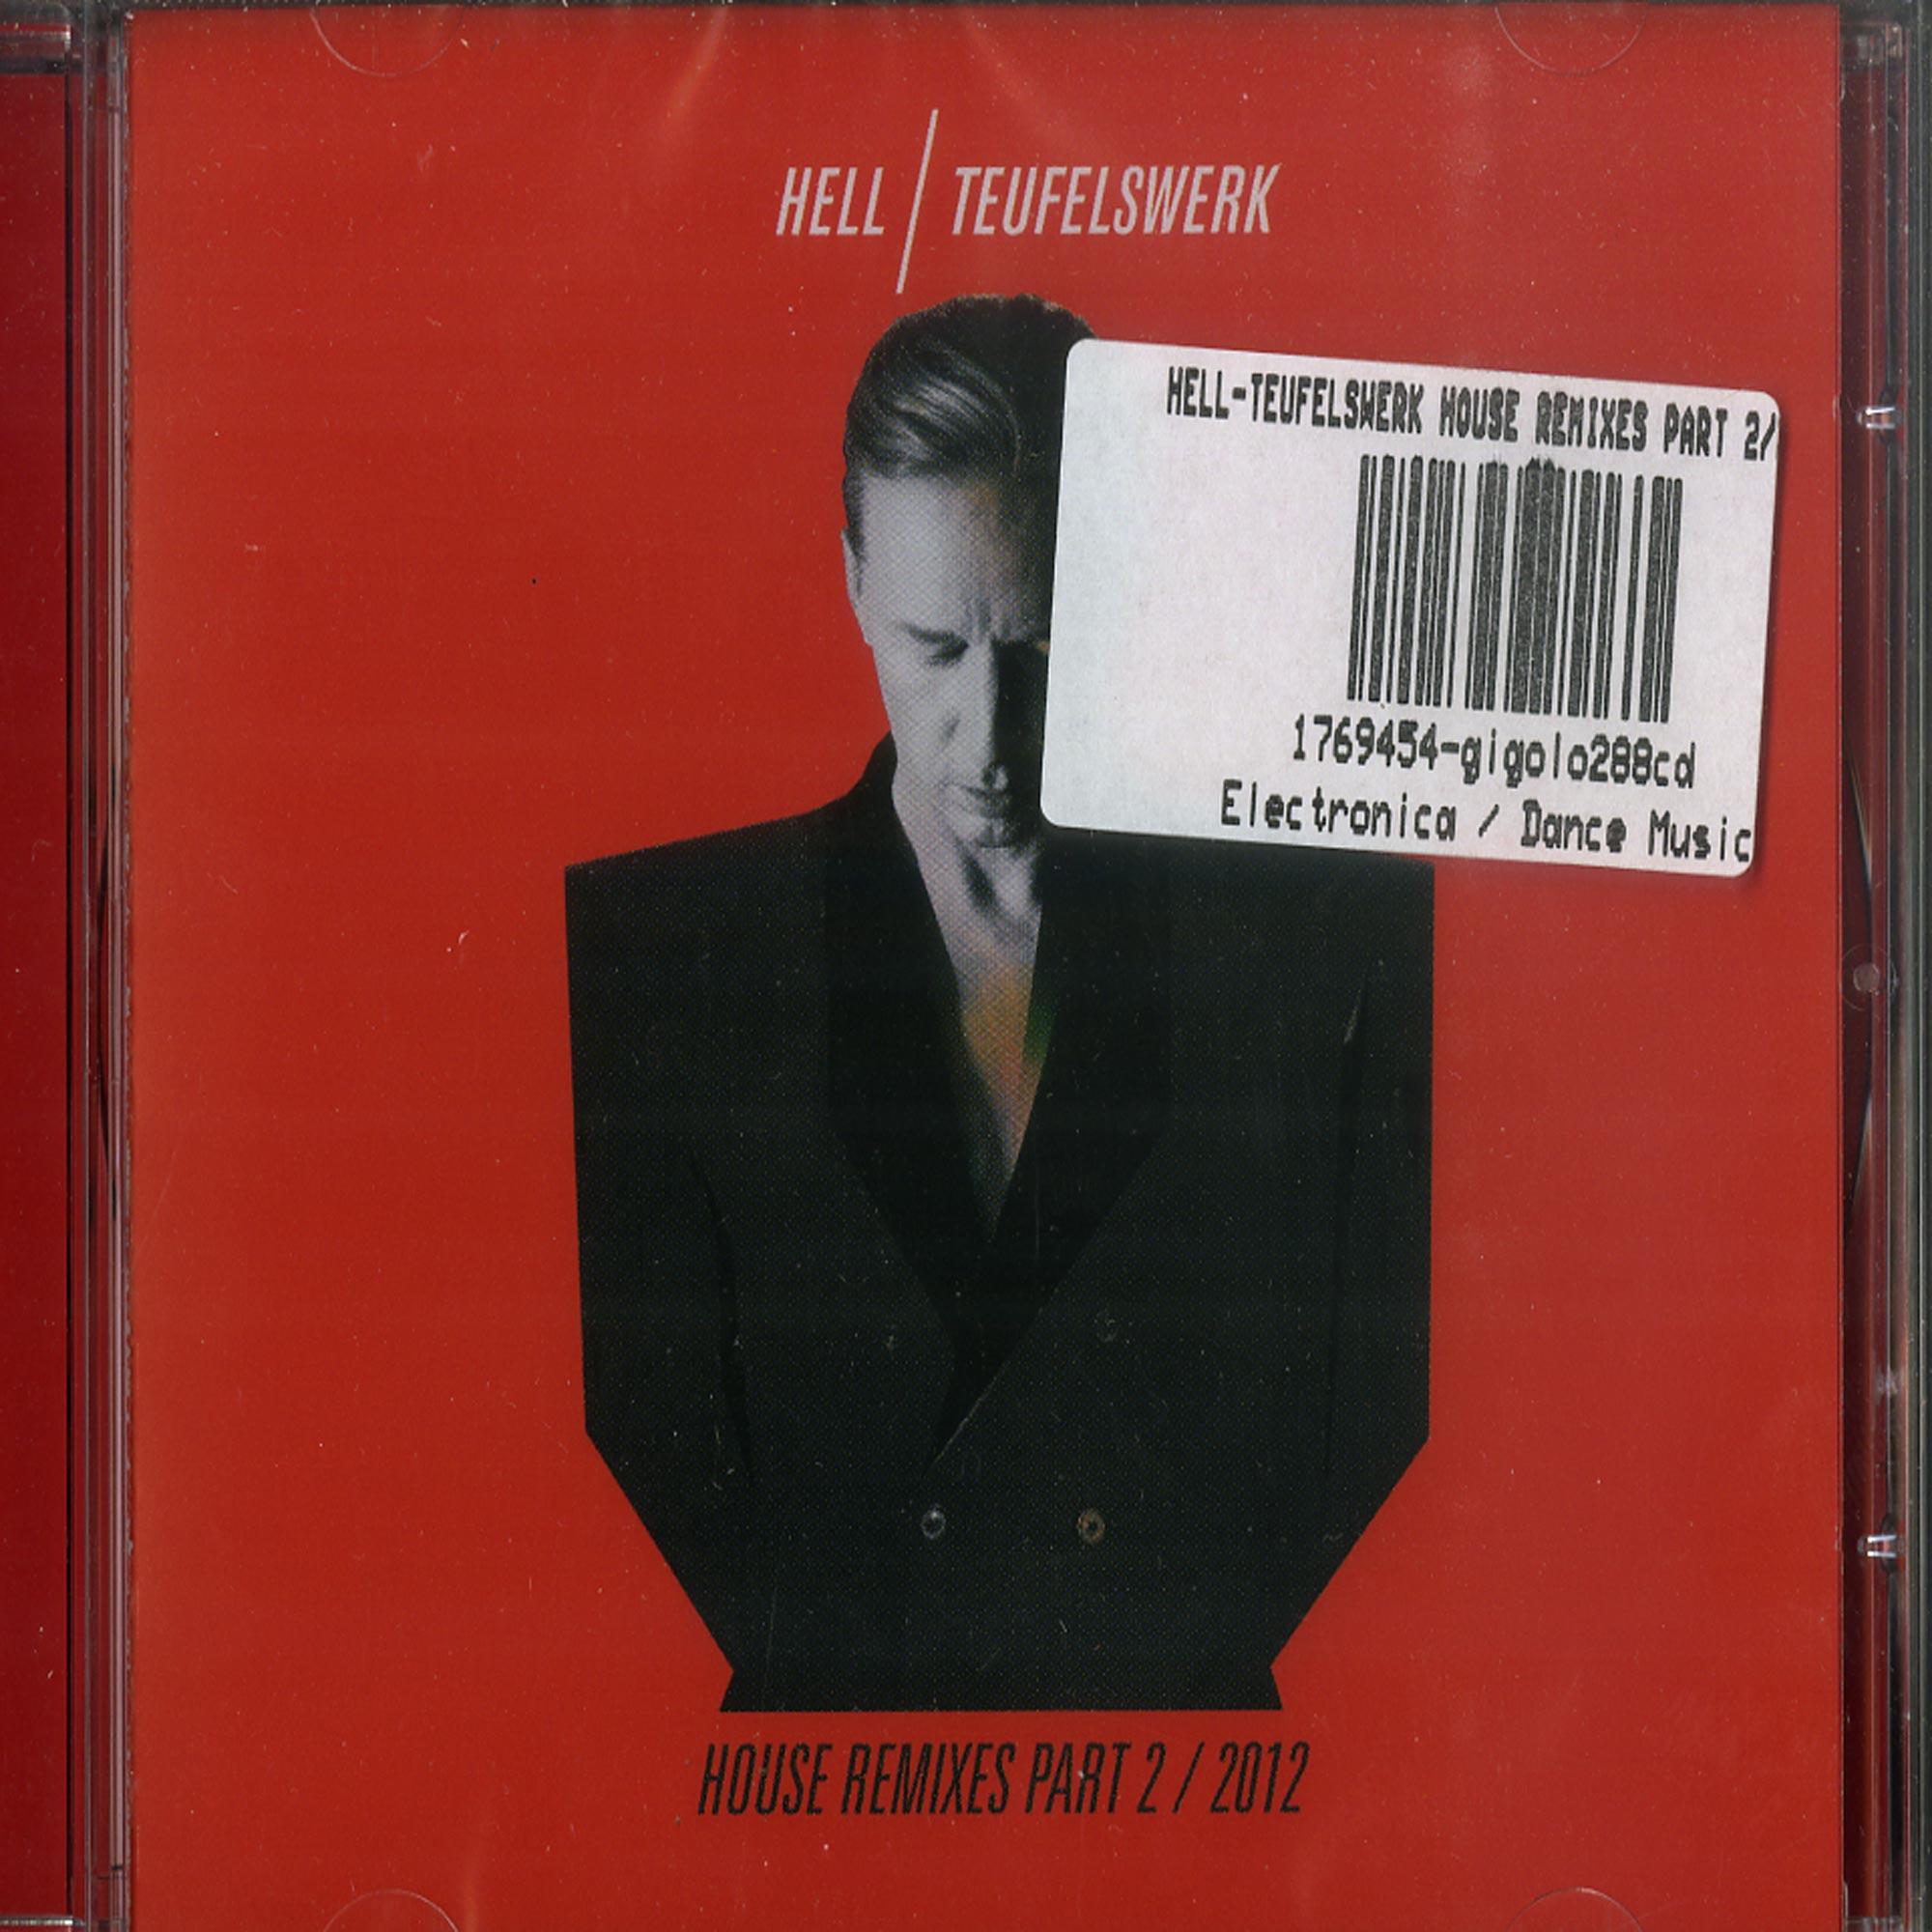 DJ Hell - TEUFELSWERK - HOUSE REMIXES PART 2 2012